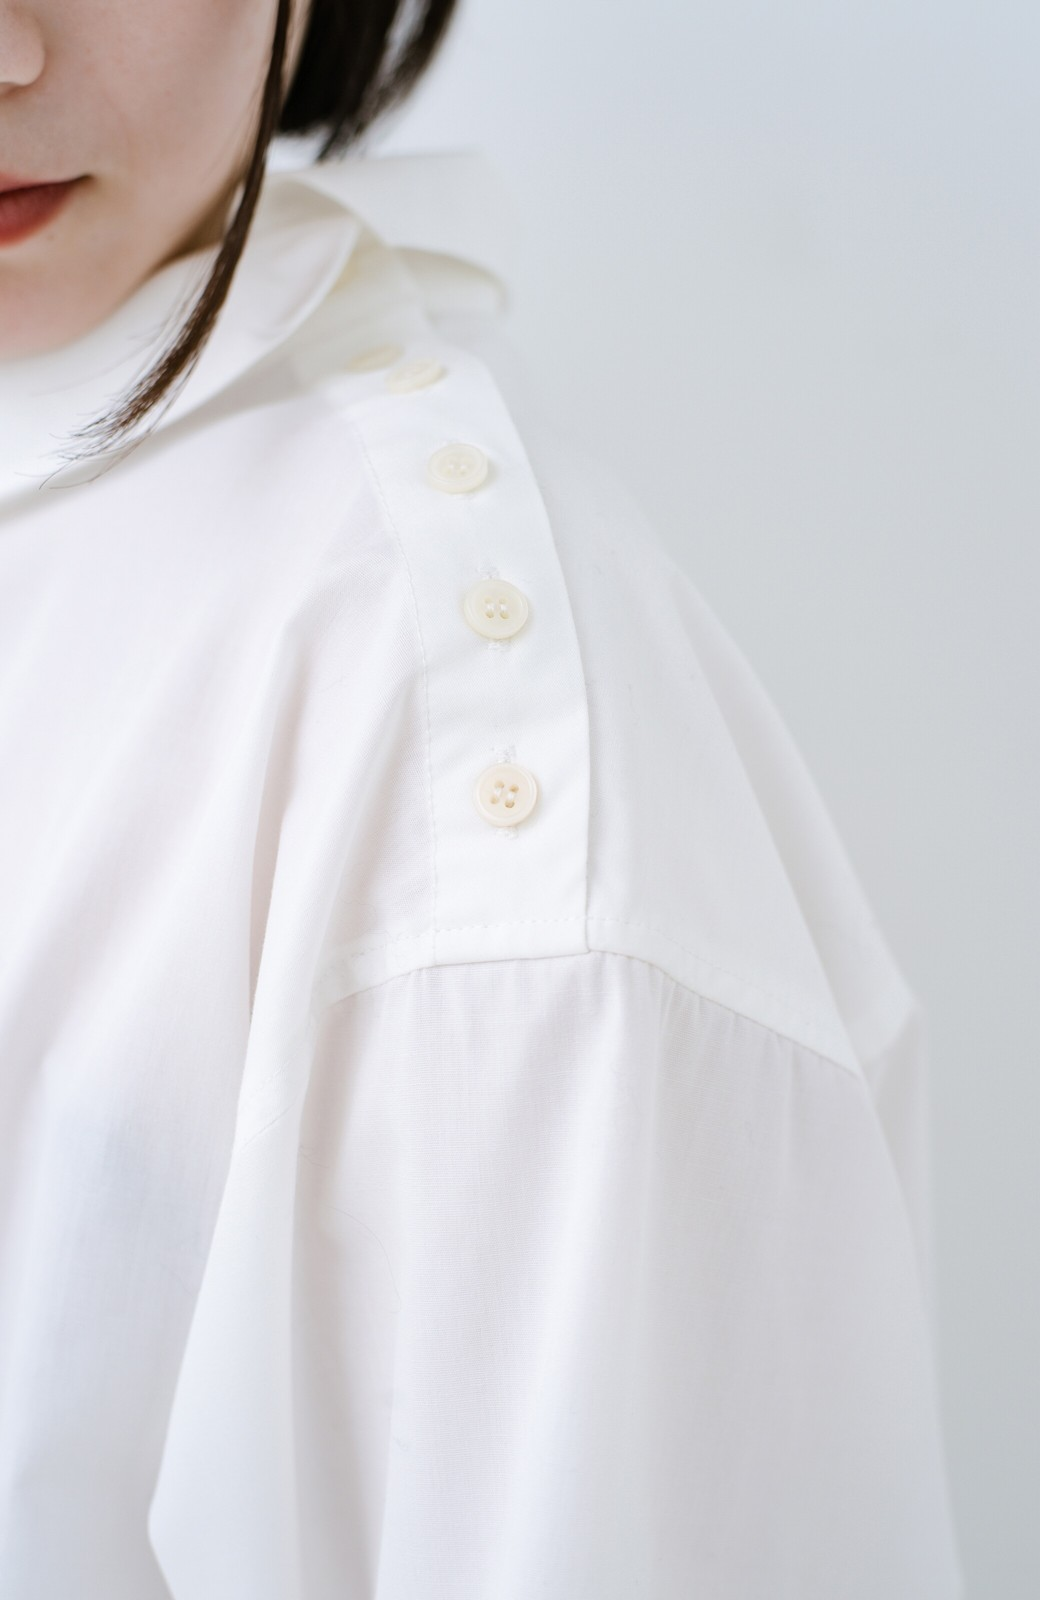 haco! 凛とした気分になる ロールネックシャツ <ホワイト>の商品写真3